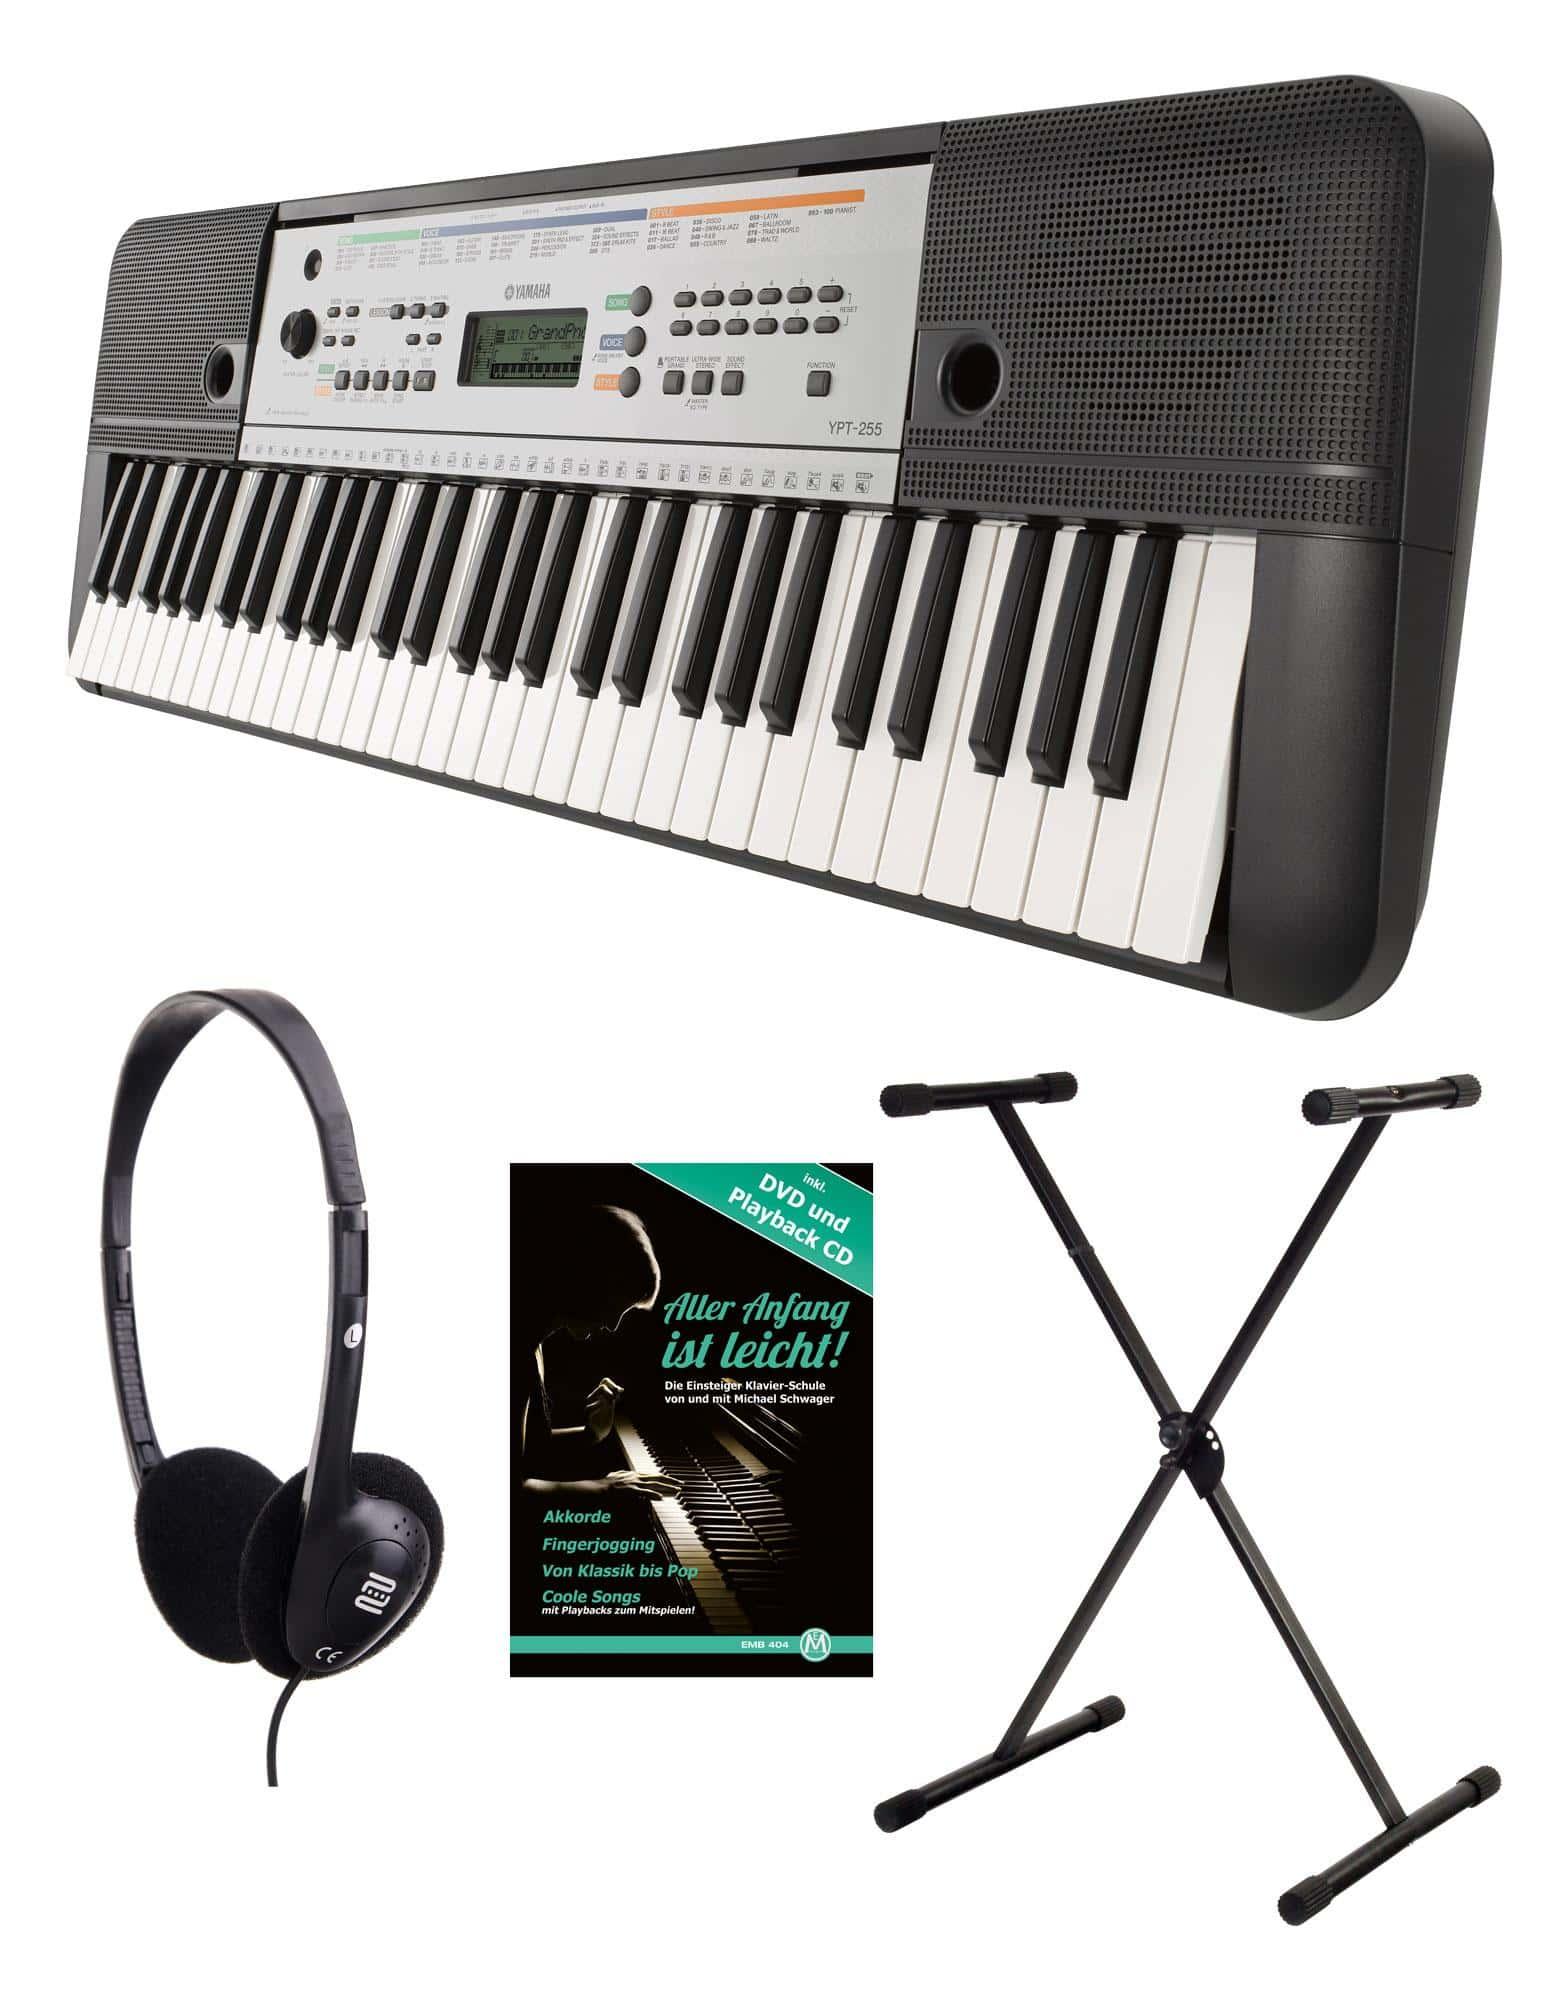 Yamaha YPT-255 Keyboard SET mit Ständer, Kopfhörer & Schule SYPT255 Set